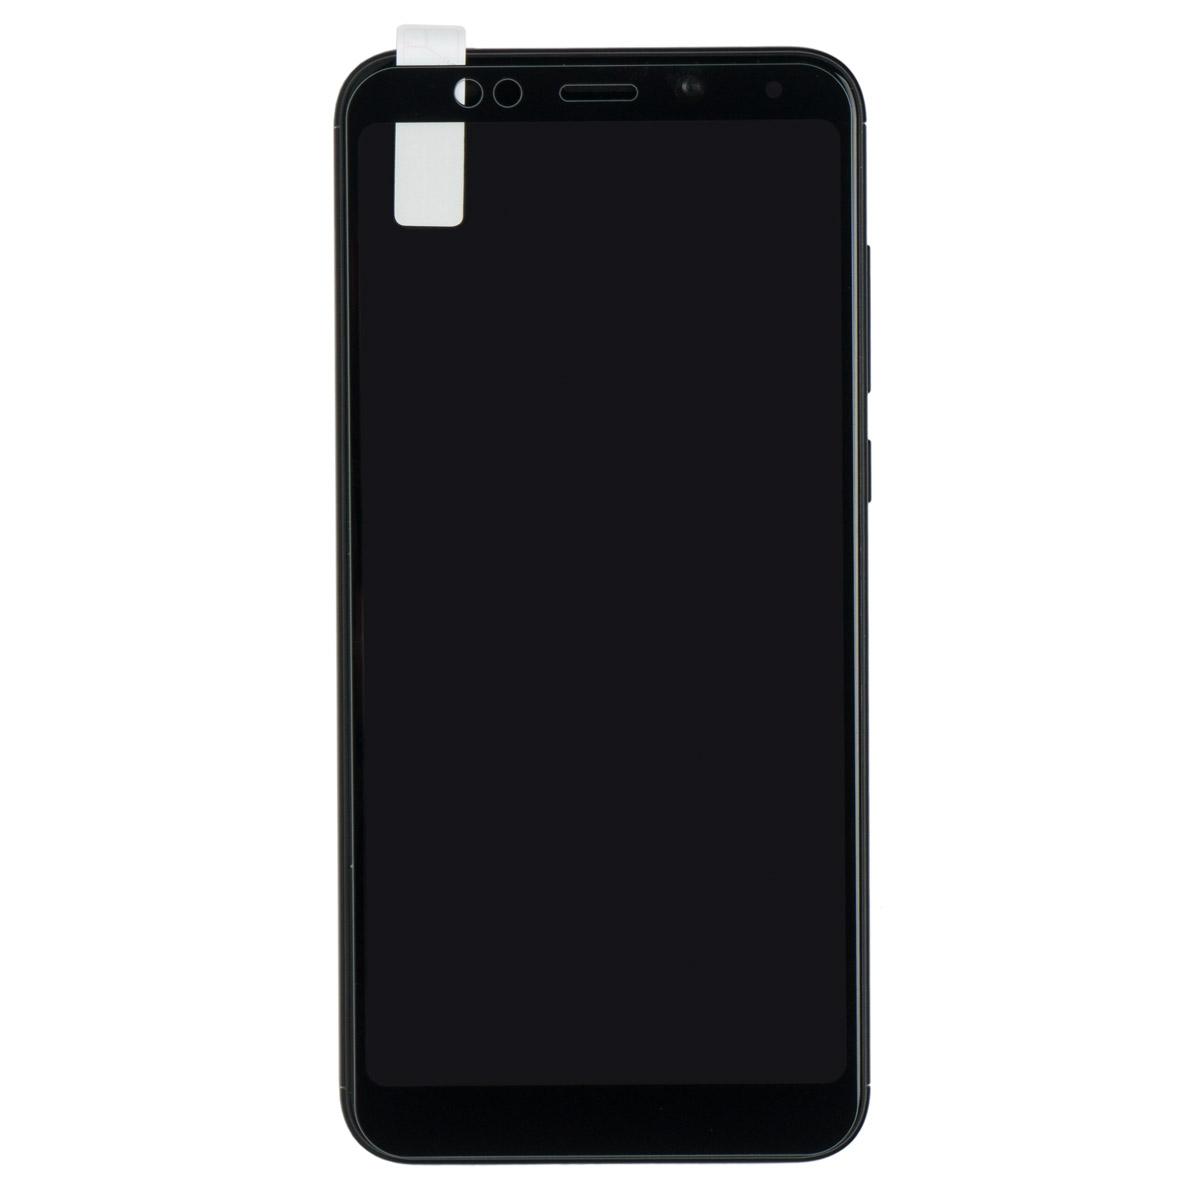 Стекло противоударное для Redmi 5 CASE Full Glue (Черный)